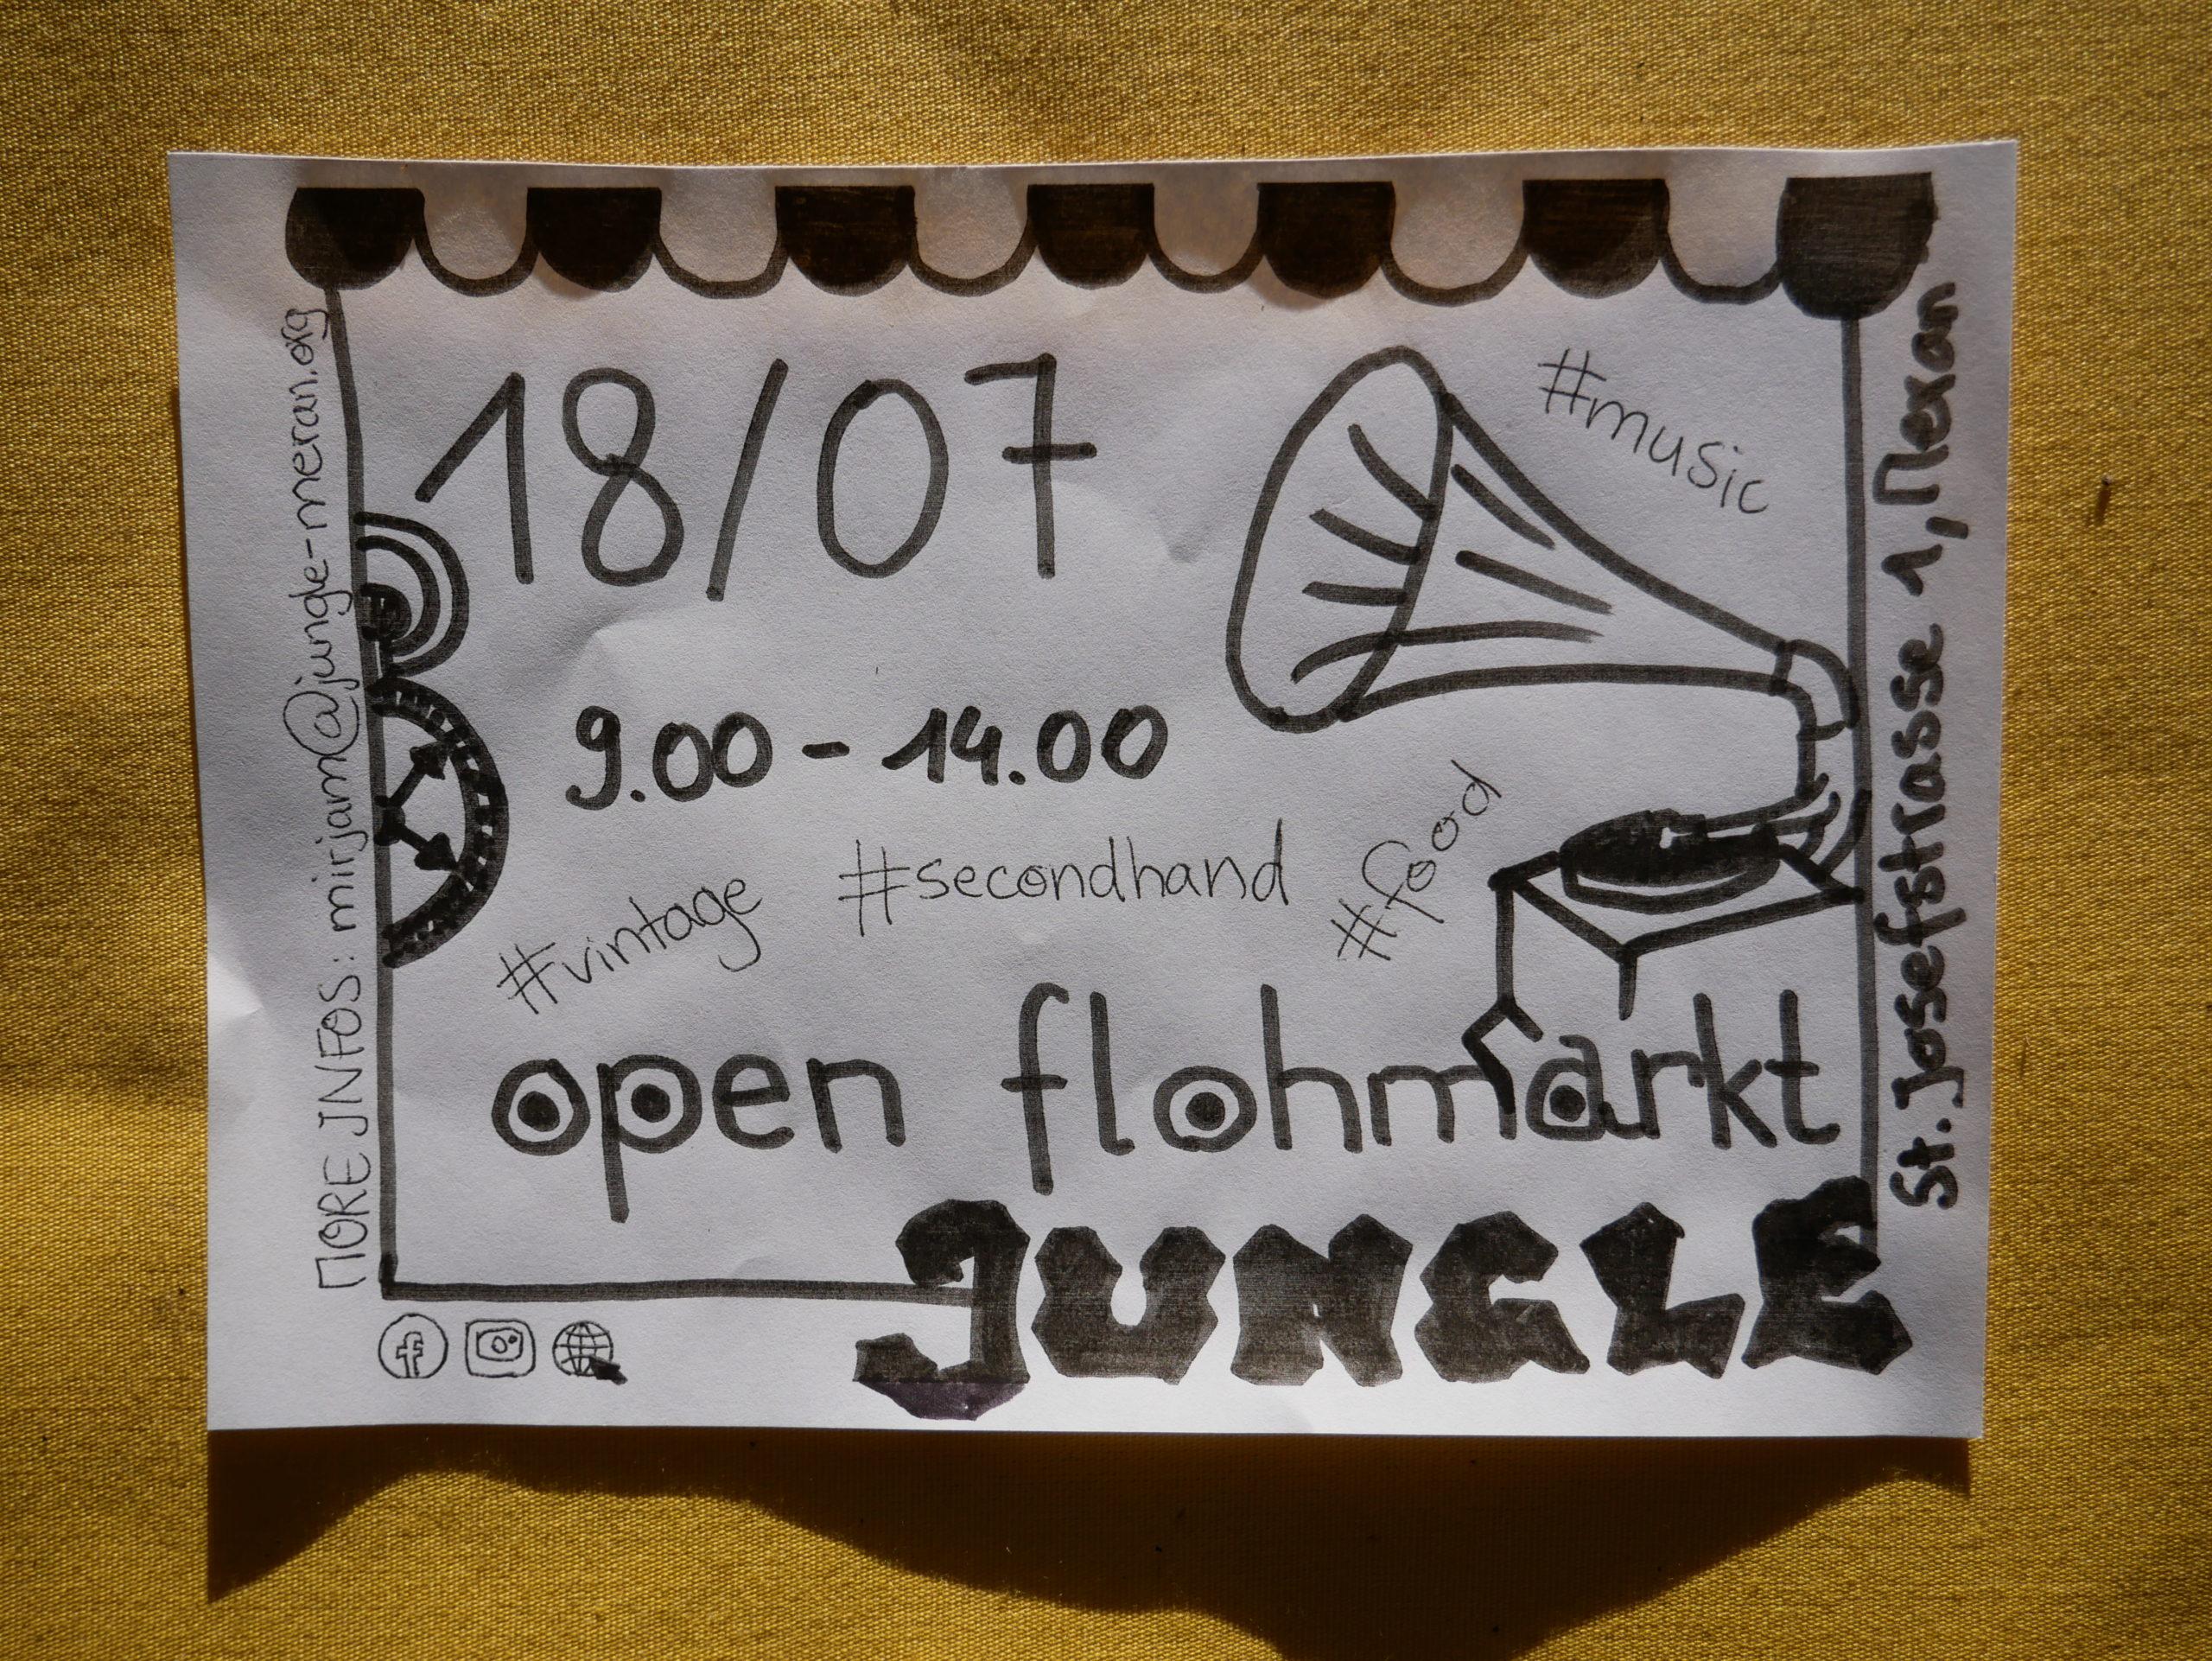 Open Flohmarkt Jungle - Jugendzentrum Jungle Meran - Centro giovani Jungle